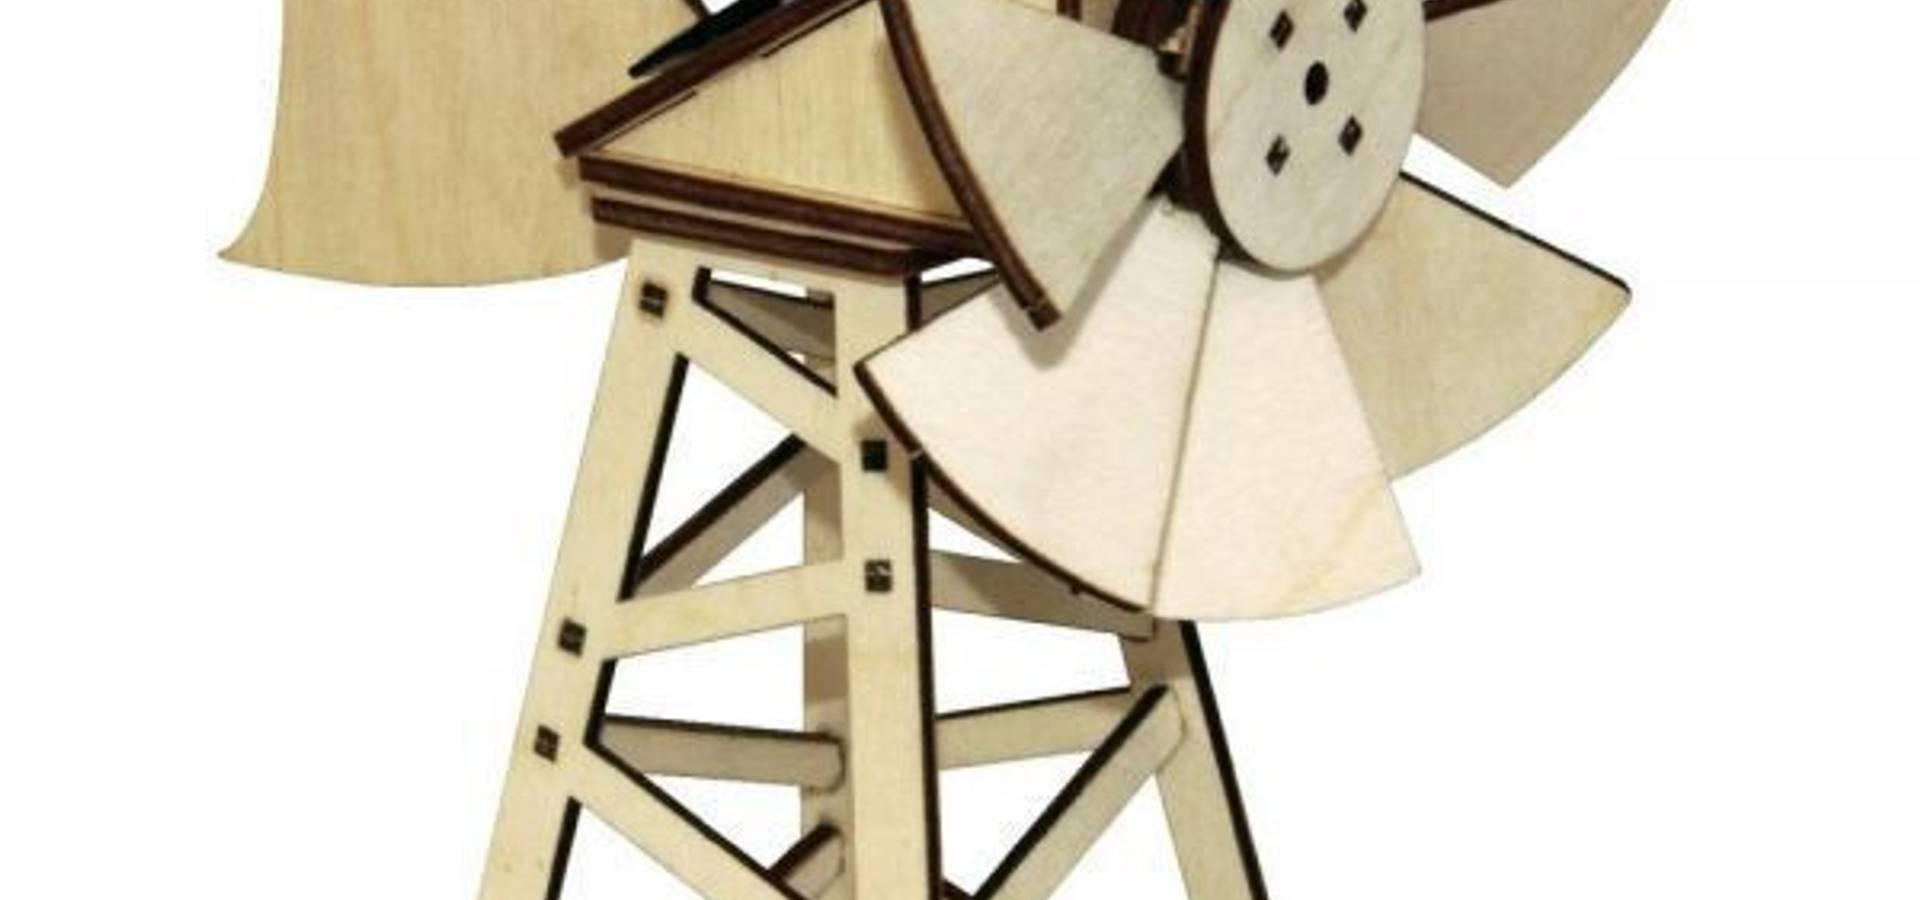 maquette en bois olienne solaire am ricaine par jardin design deco eco homify. Black Bedroom Furniture Sets. Home Design Ideas